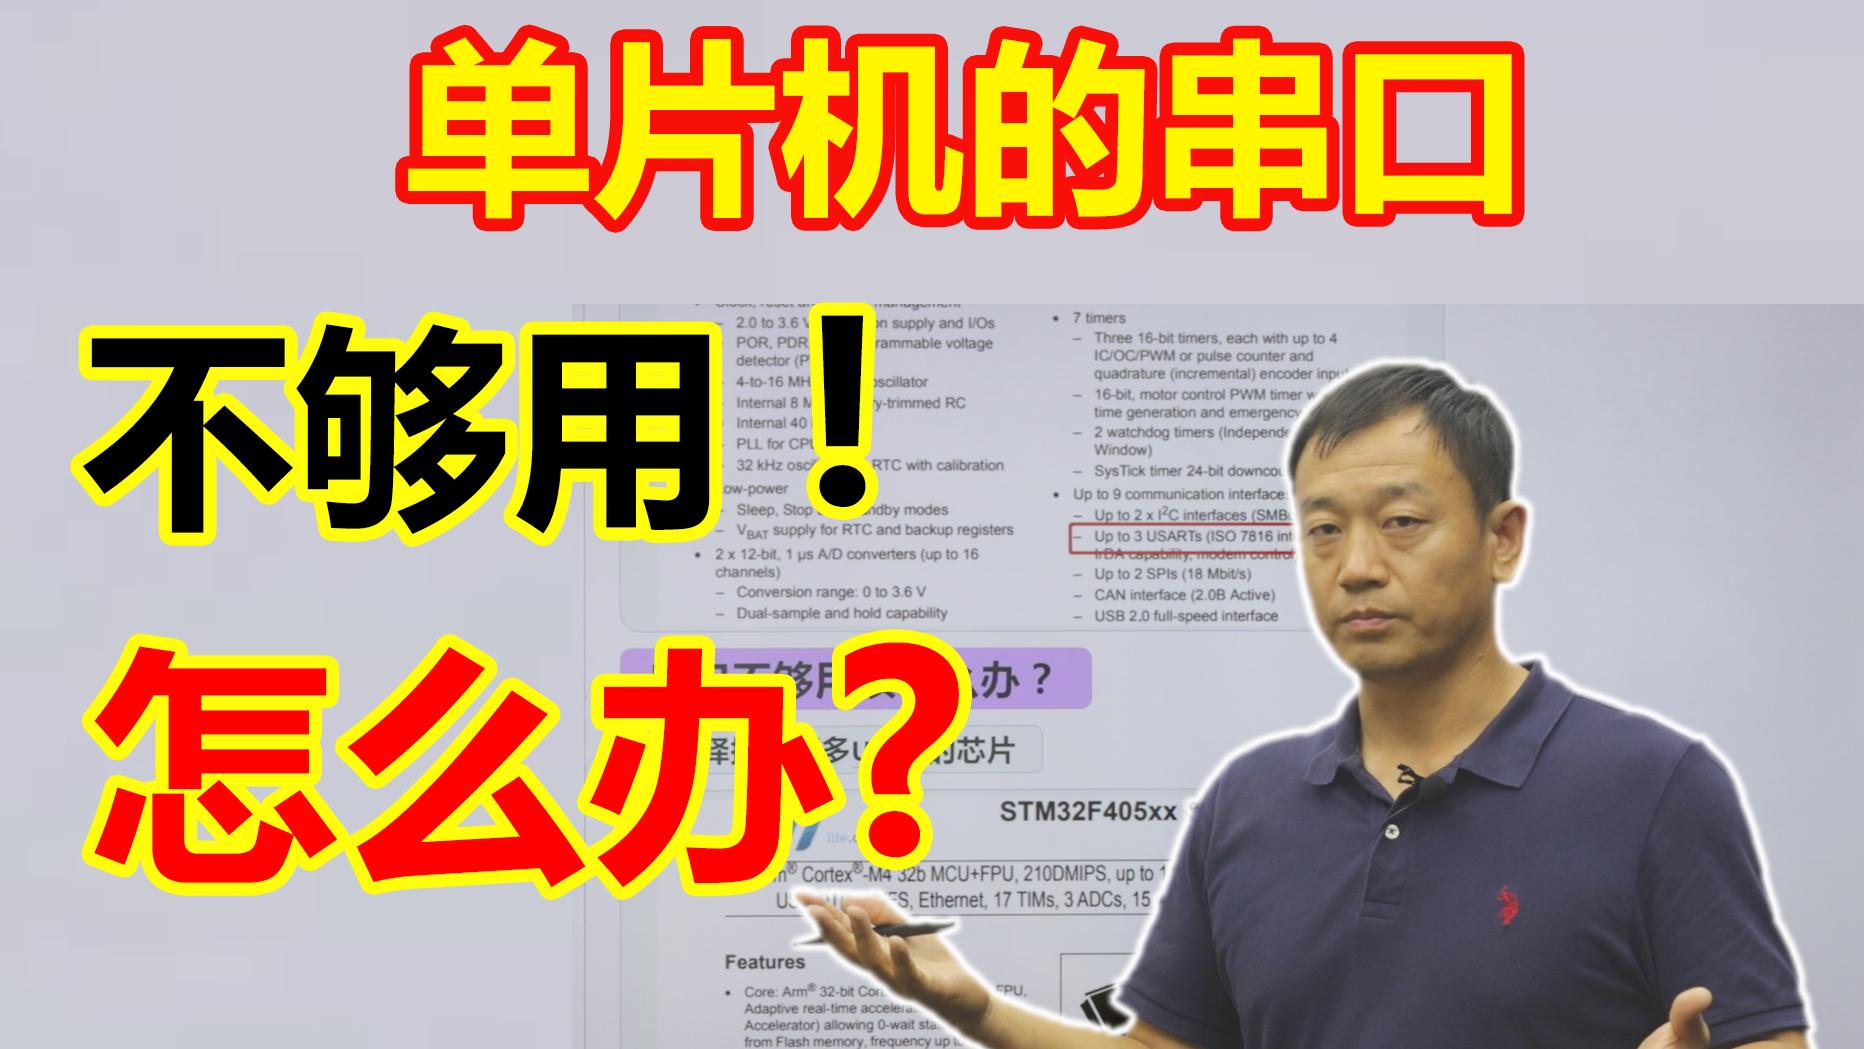 郭天祥—单片机的串口不够用时怎么办?串口扩展的方法有哪些?